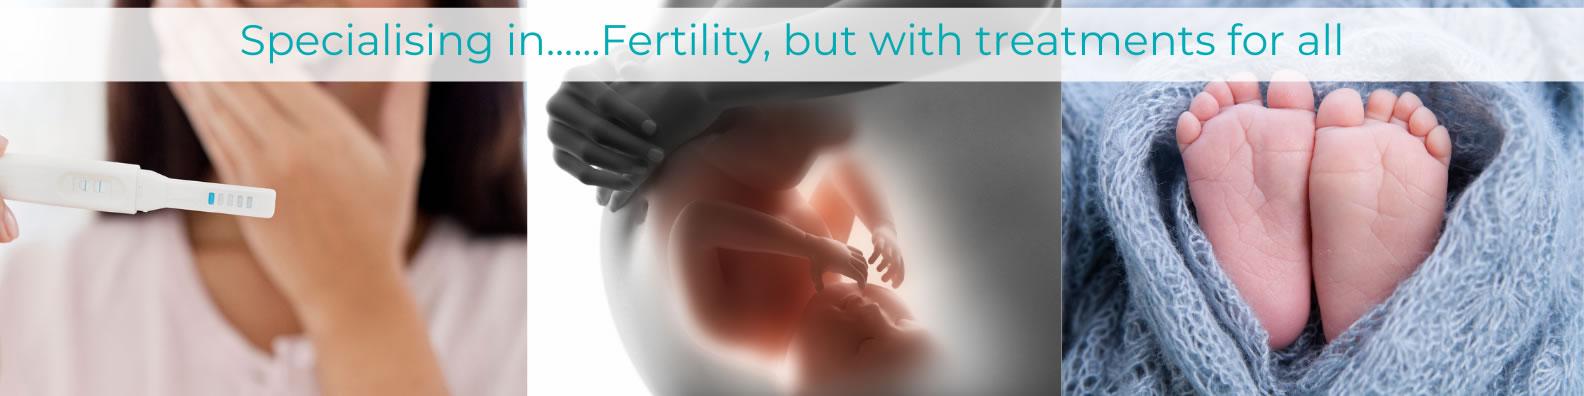 specialising in fertility